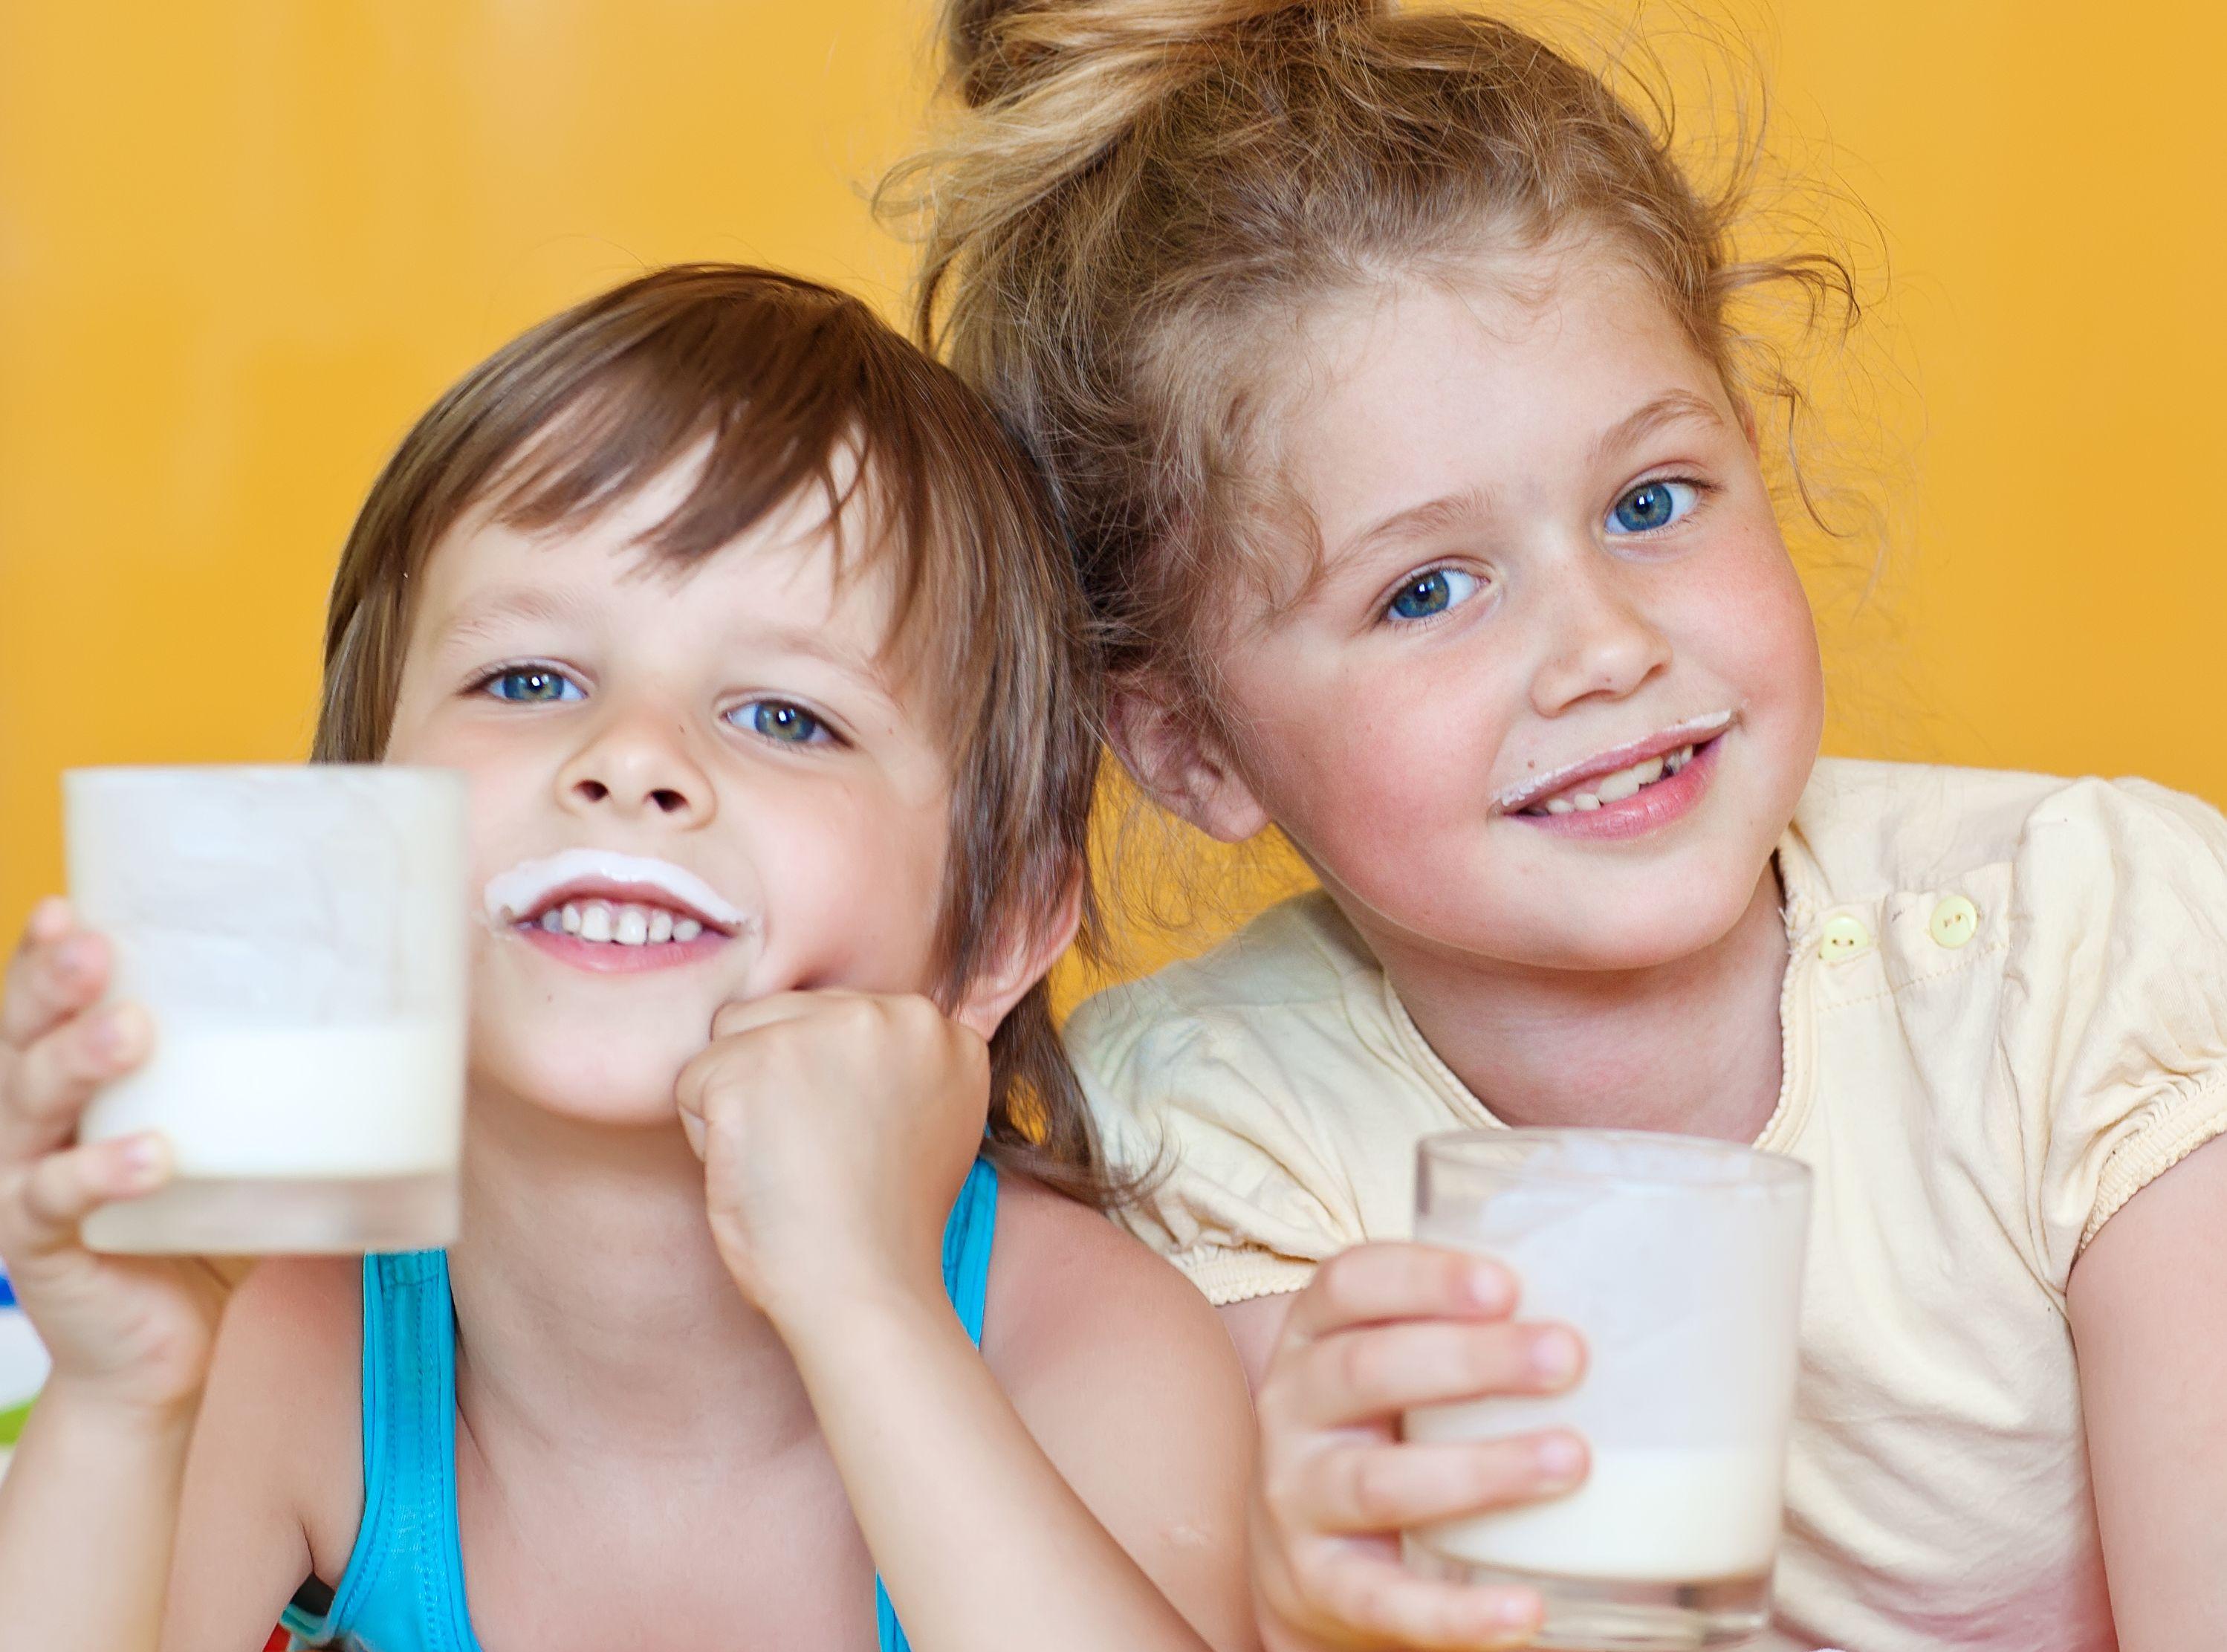 Szklanka mleka przedsnem? Laktoza niszczy zęby dziecka - Dziennik.pl